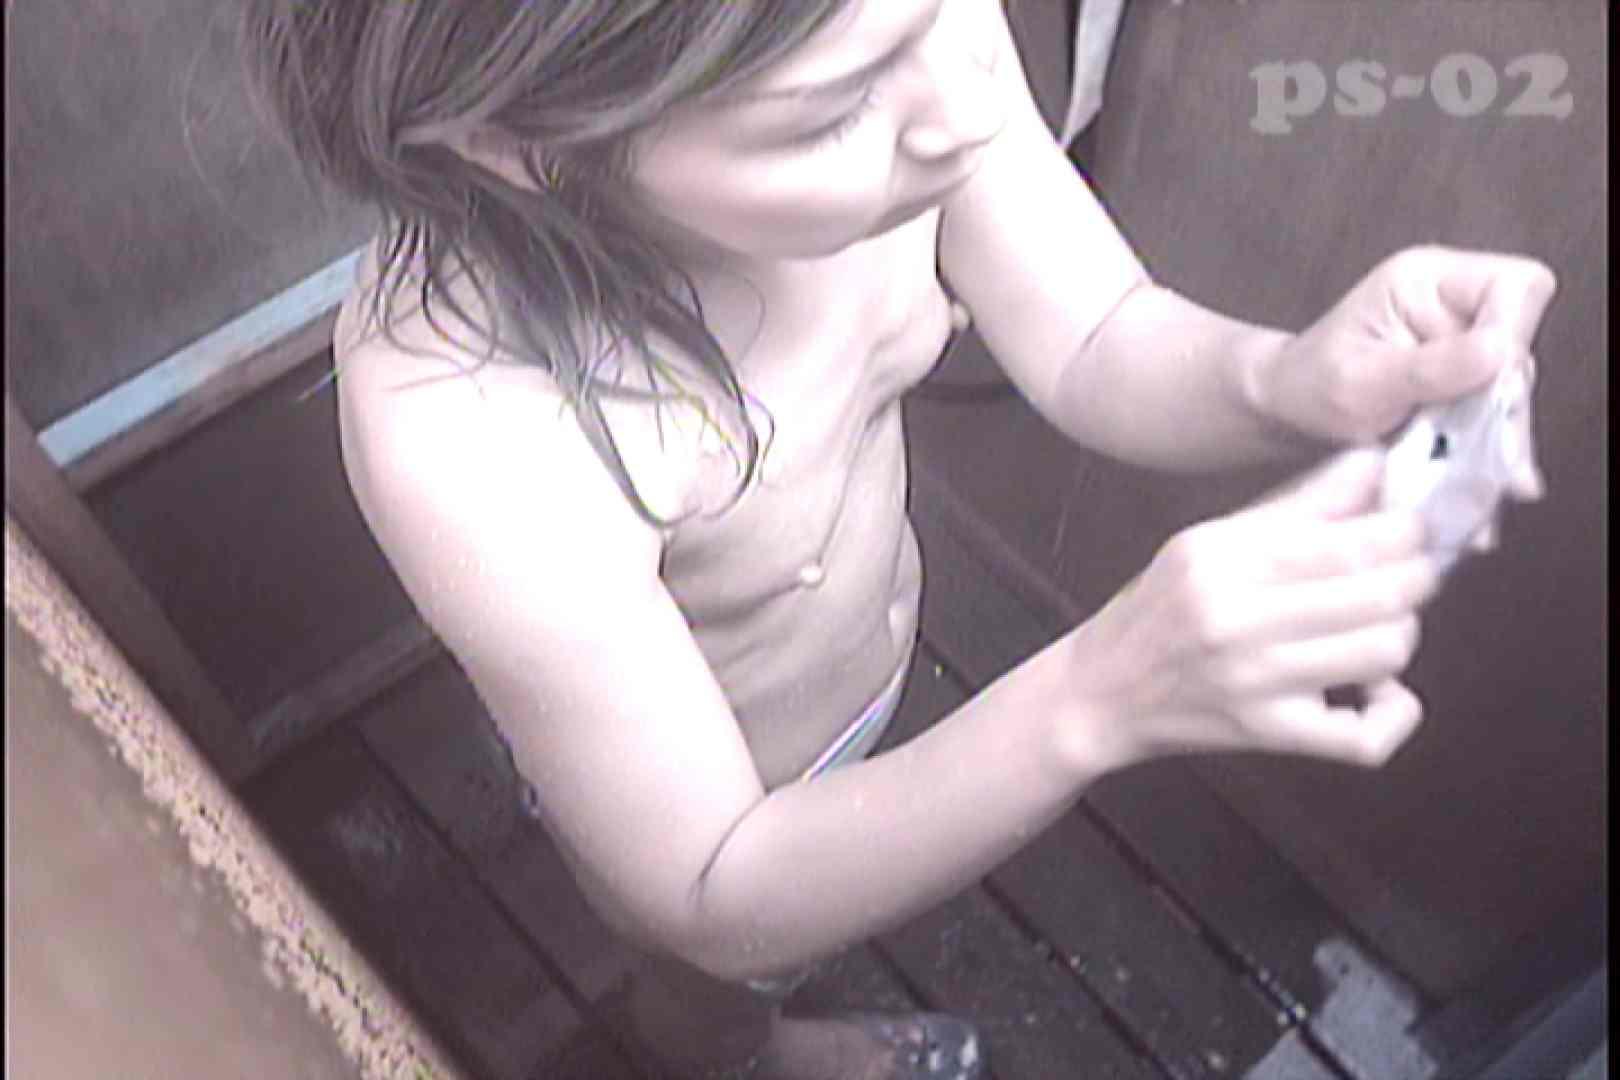 File.09 貧乳そして大きな乳首のお姉さん 脱衣所  91連発 40